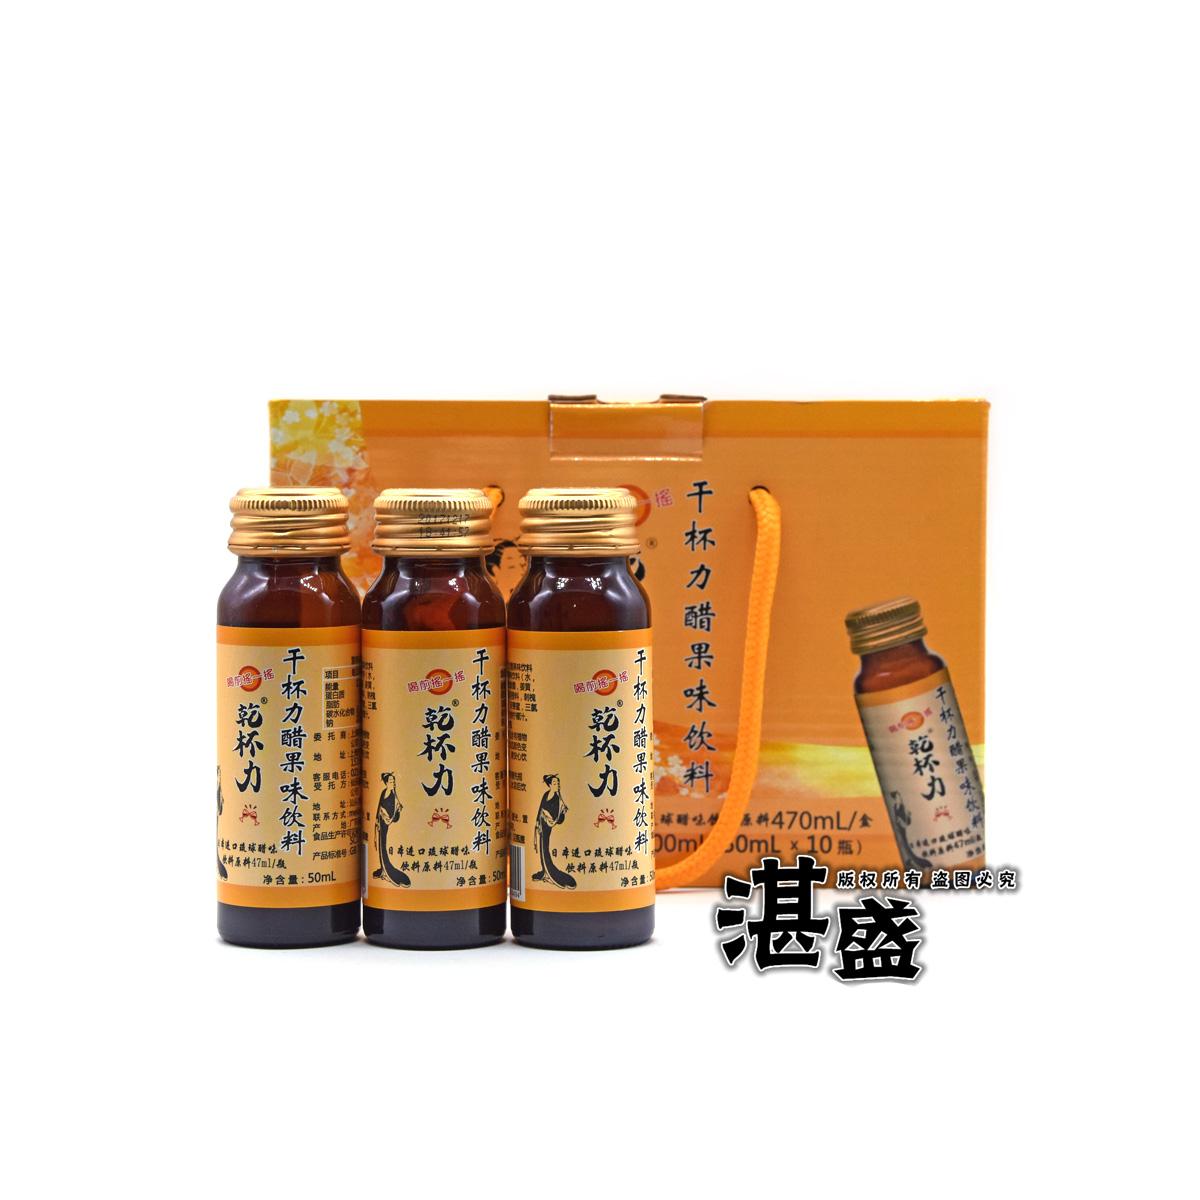 买一送一解酒醒酒10瓶日本进口原料干杯力醋果饮料50ml盒装包邮